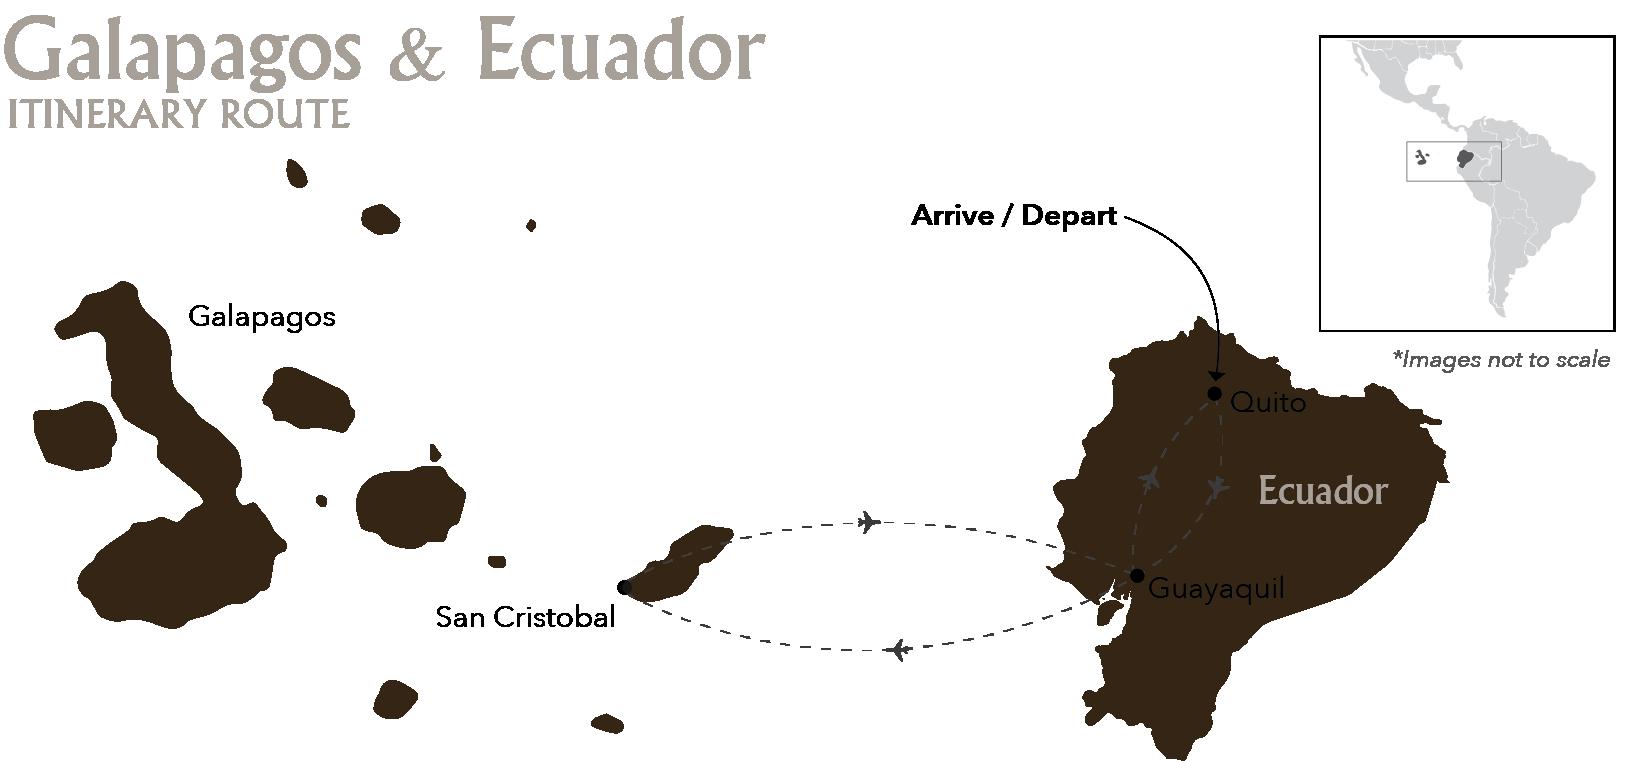 Galapagos & Ecuador Cruises San Cristobal Quito Itinerary Route